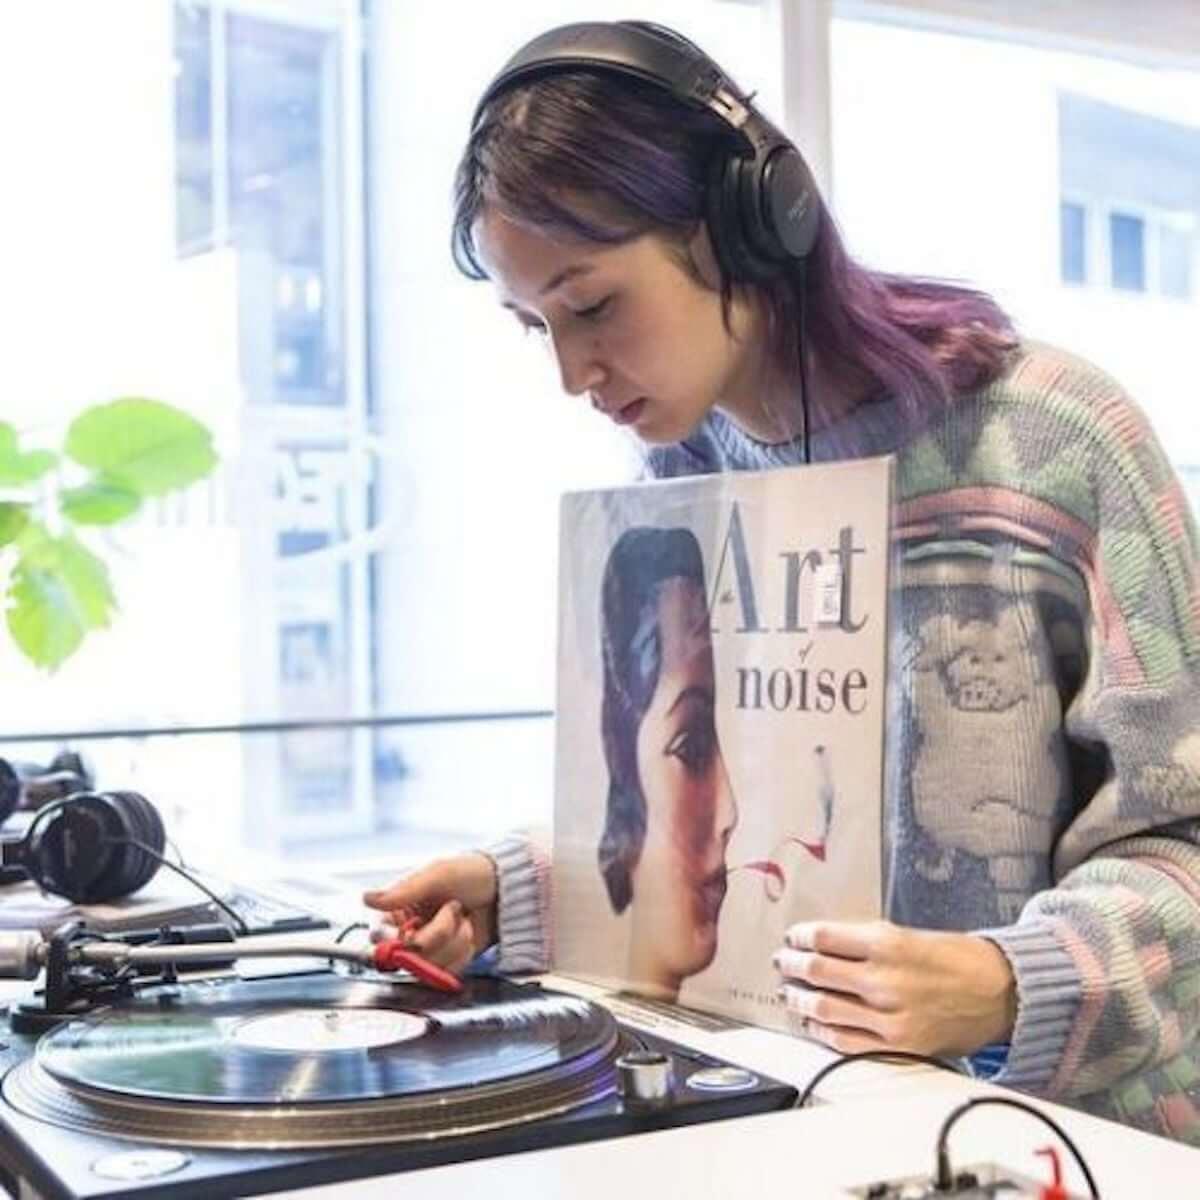 アーティストの選んだレコードが届くサービス「PERSONAL BUYER」がスタート 第一弾にはD.A.N.、Ovall、Yuka Mizuharaが登場 music181226-personalbuyer-3-1200x1200